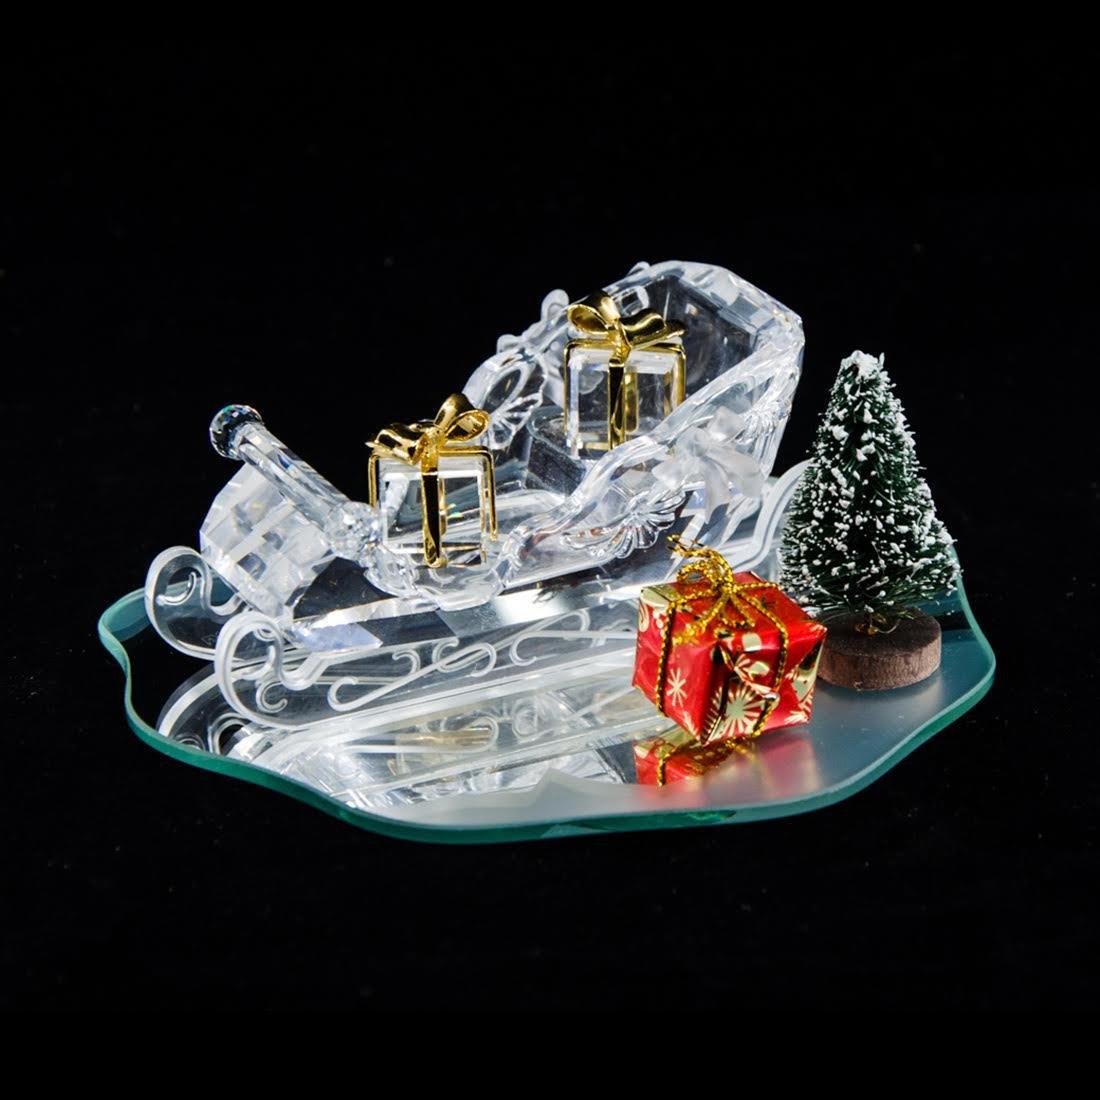 Swarovski Silver Crystal Christmas Sleigh Figurine -